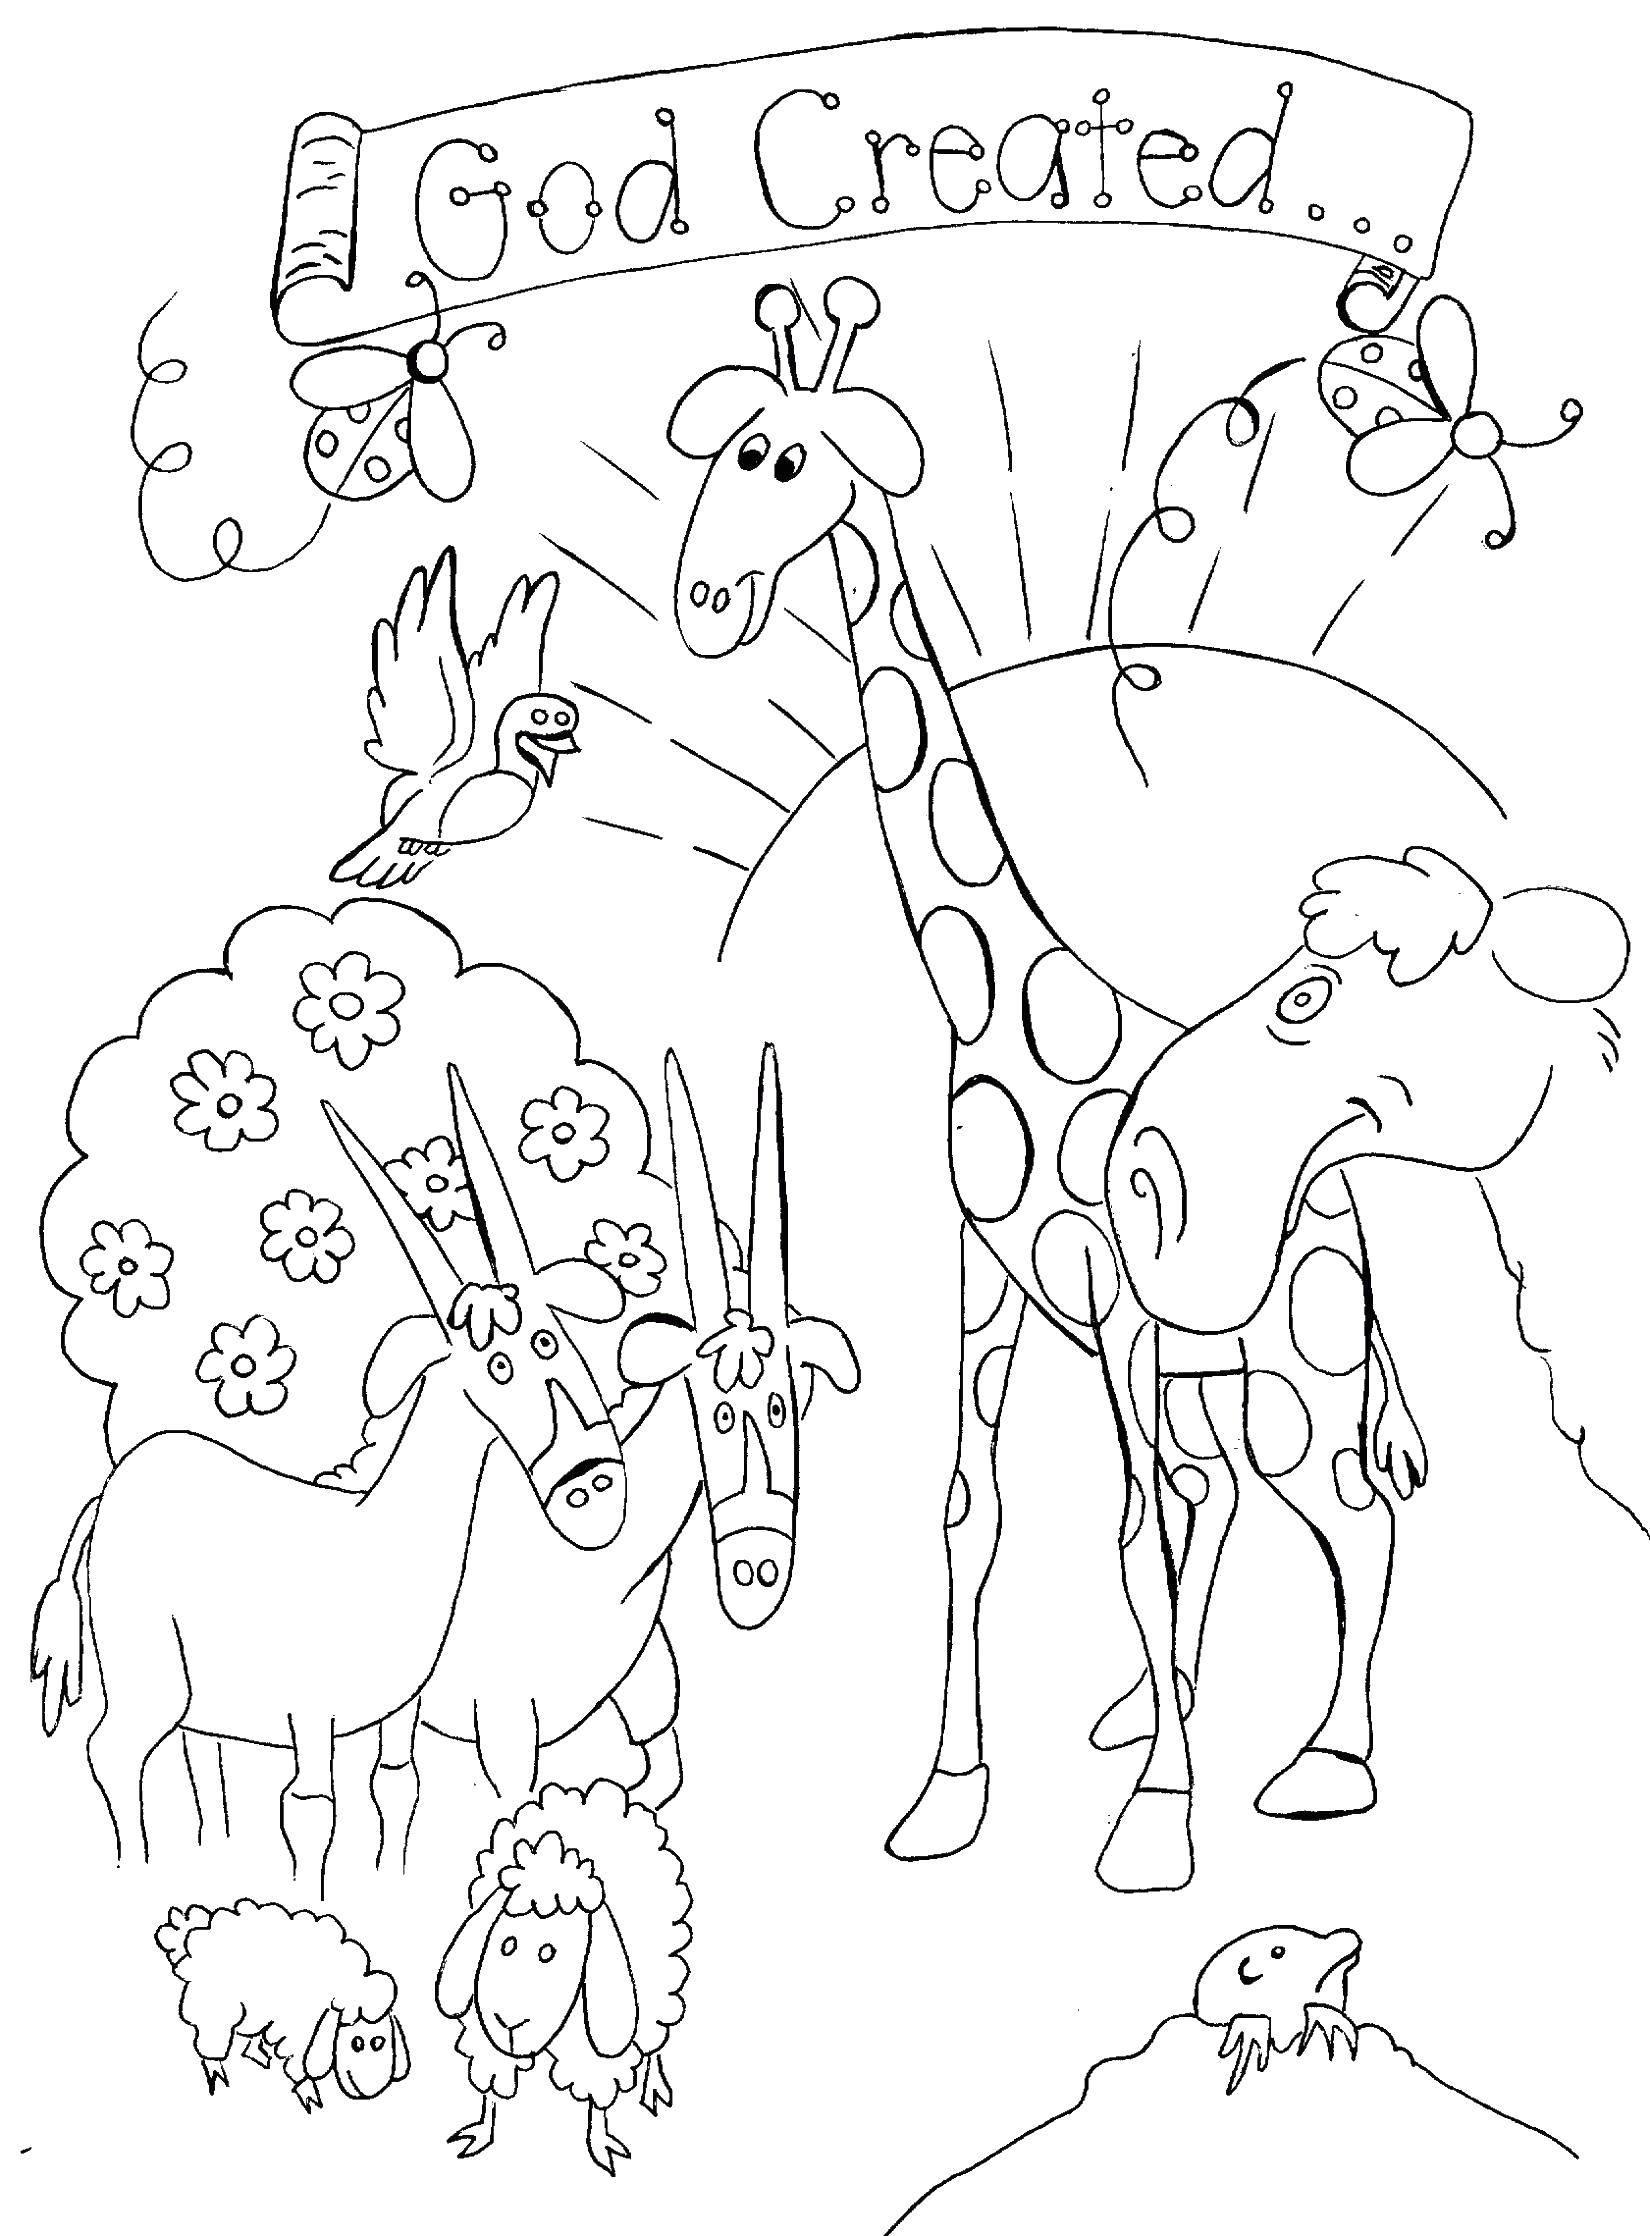 Раскраска Бог создал животных Скачать библия, иисус.  Распечатать ,библия,